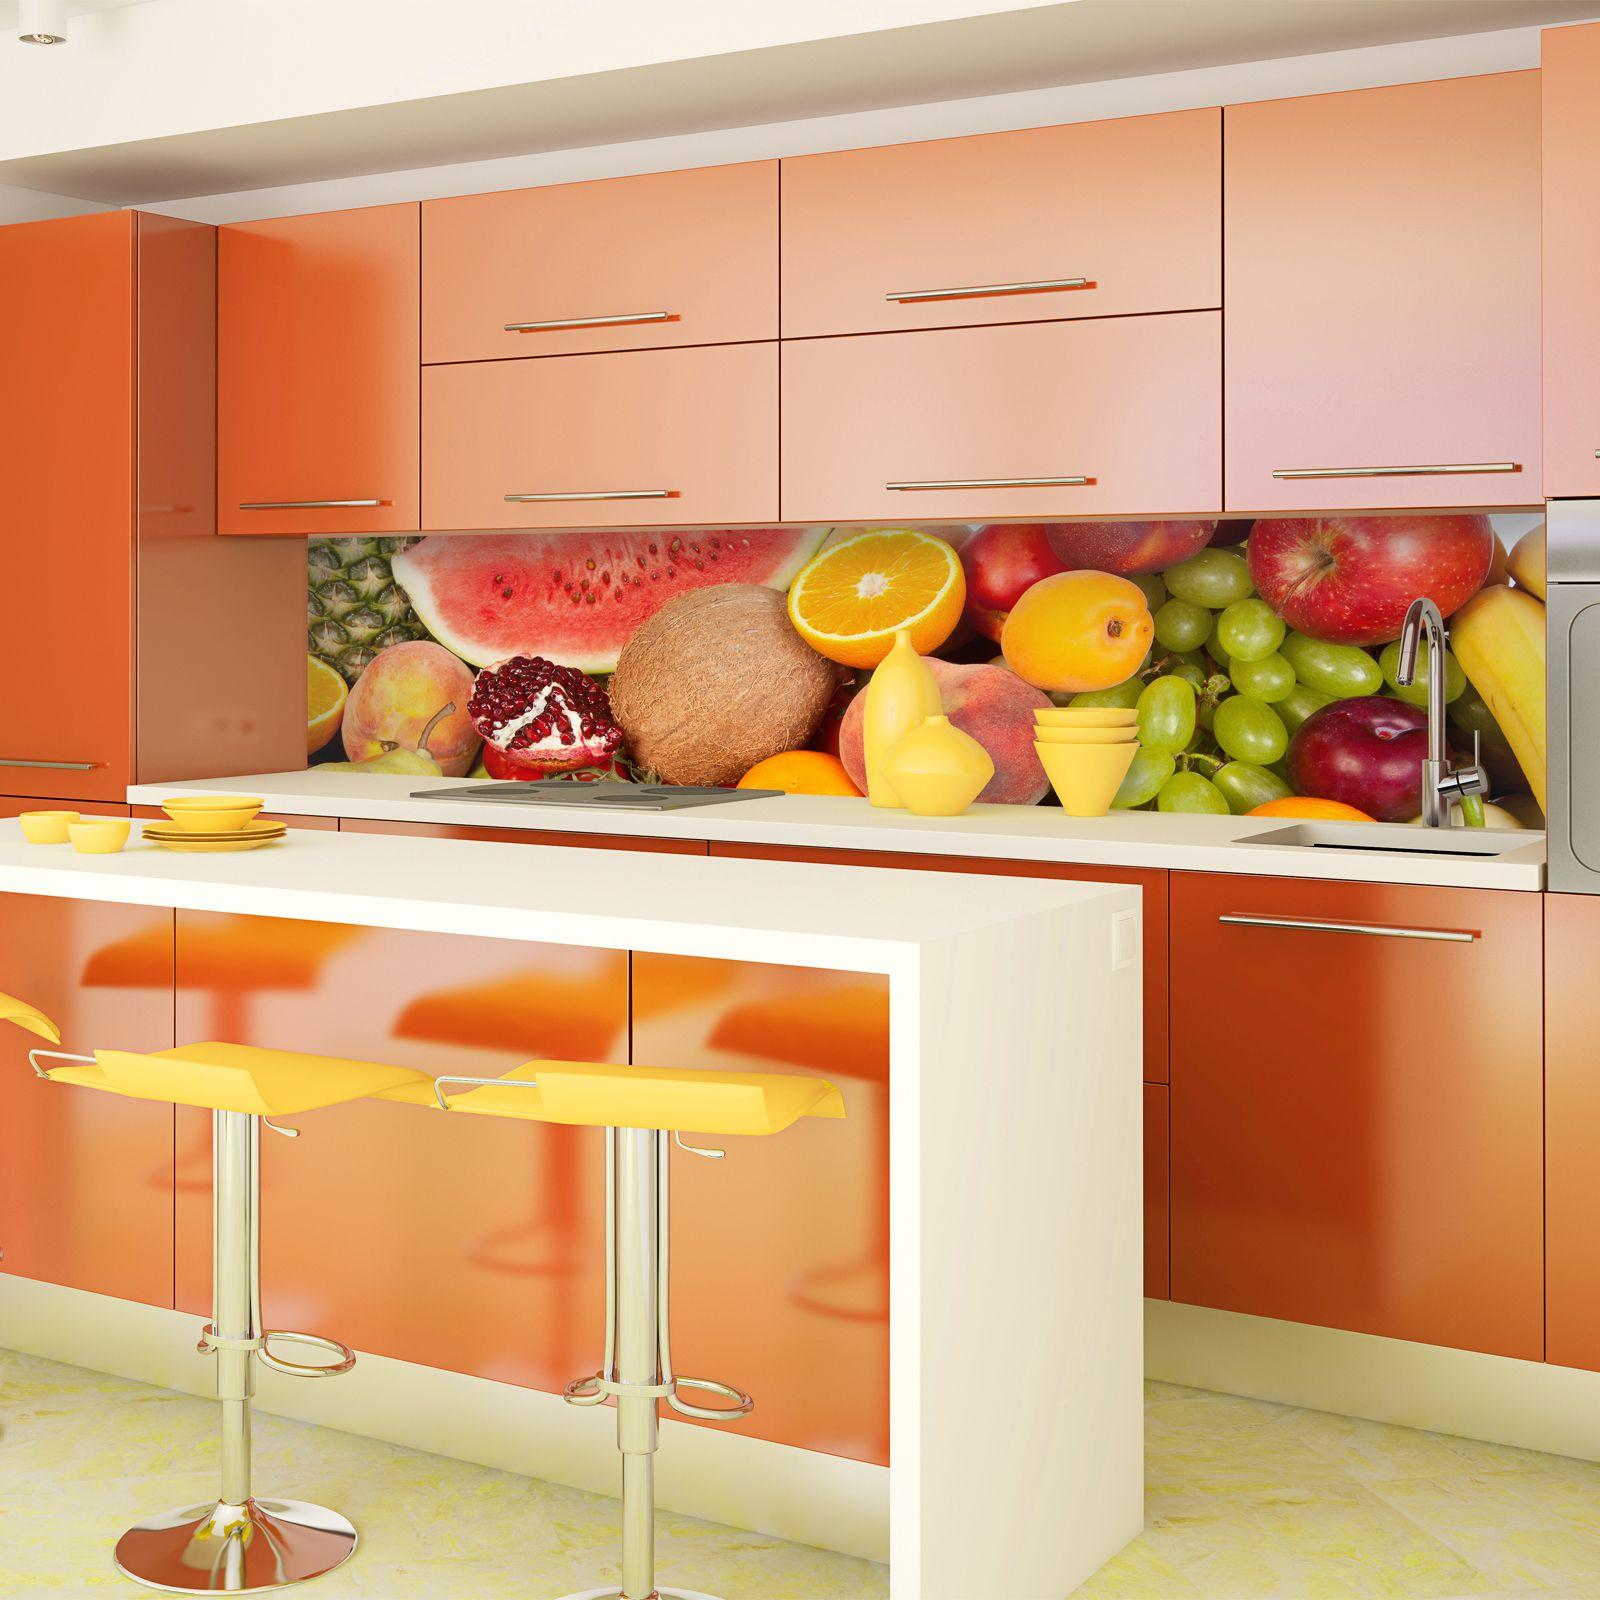 New york skyline day acrylic kitchen splashback for Cheap kitchen splashback ideas